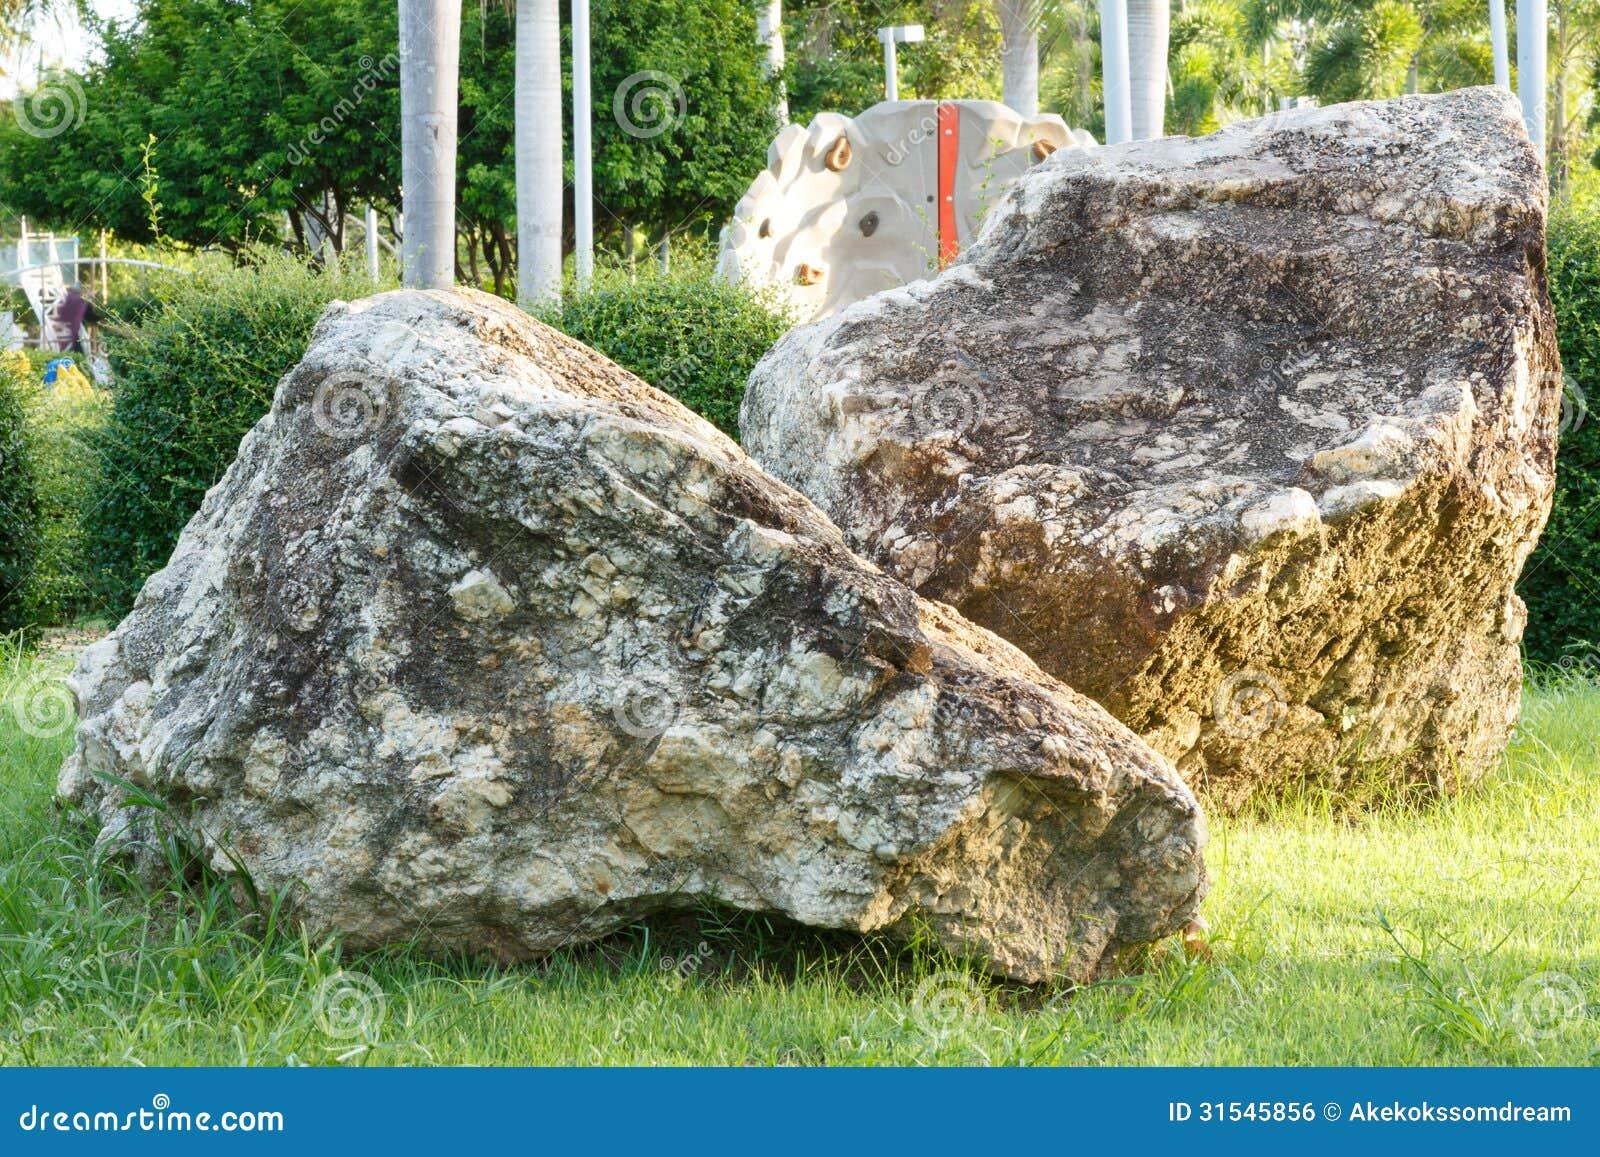 Grote steen en rots in tuin en park royalty vrije stock afbeelding afbeelding 31545856 - Tuin decoratie buitenkant ...